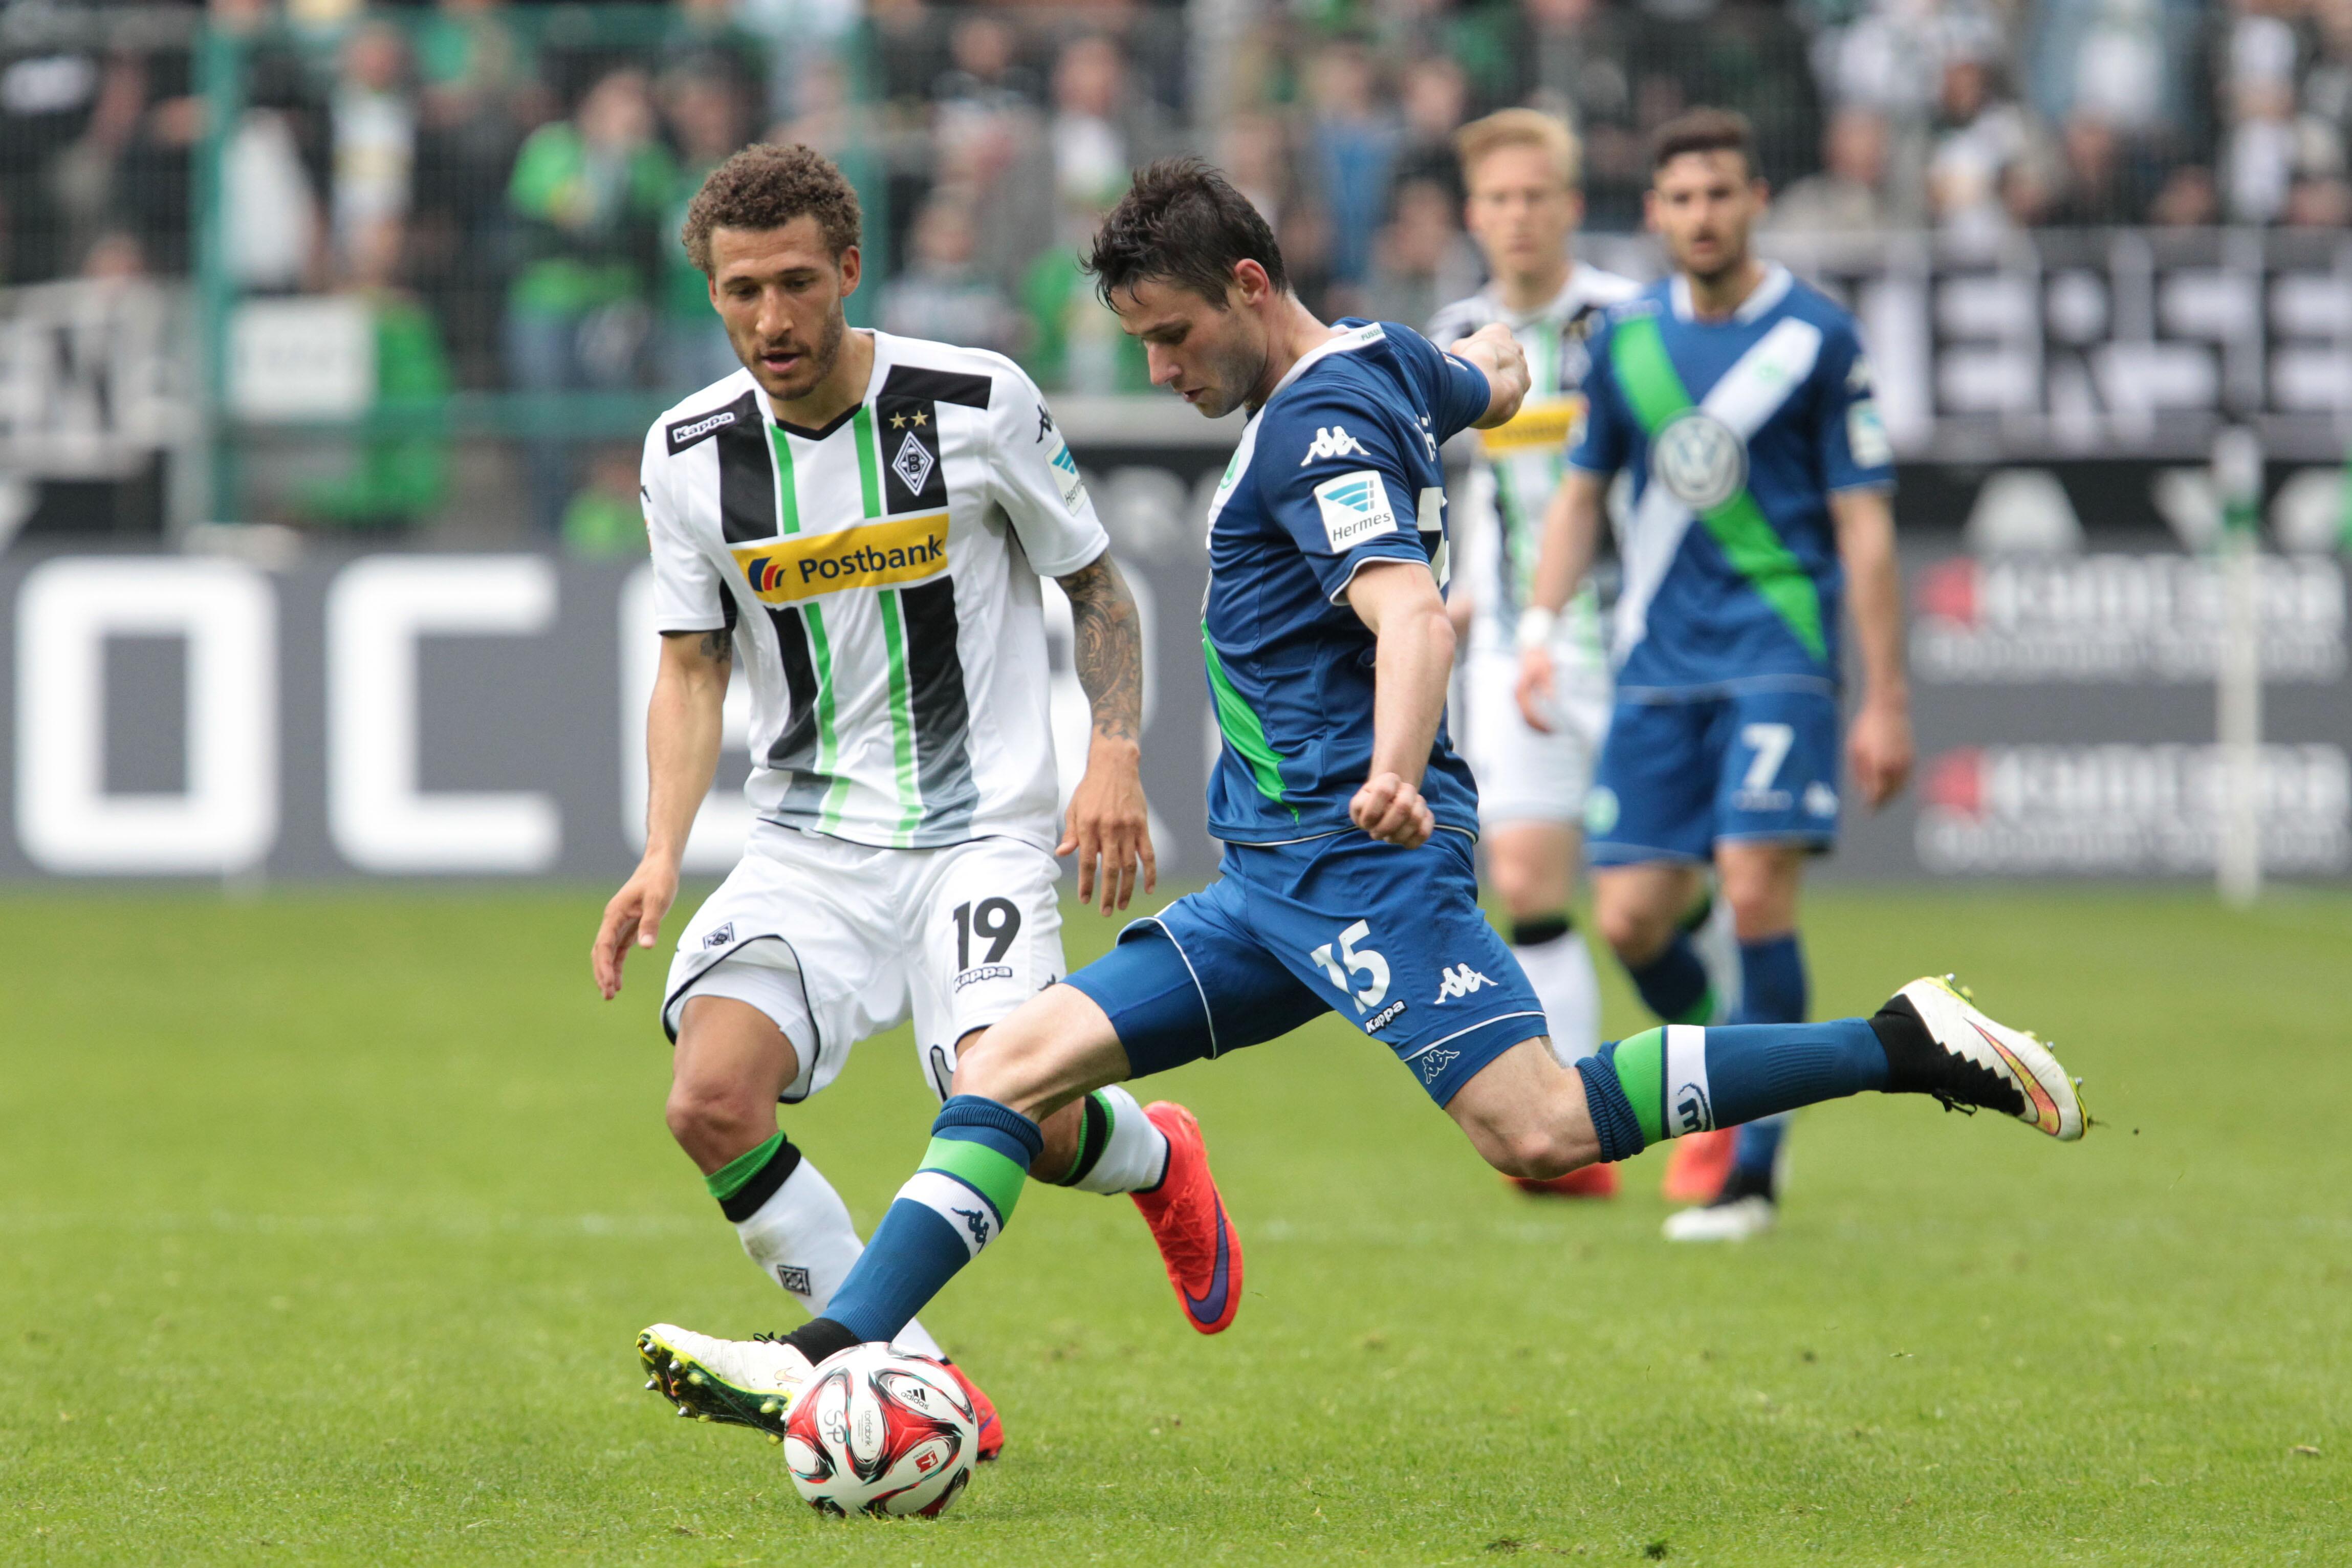 Bild zu Bundesliga: LIVE-Ergebnisse und die Tabelle des 30. Spieltags.